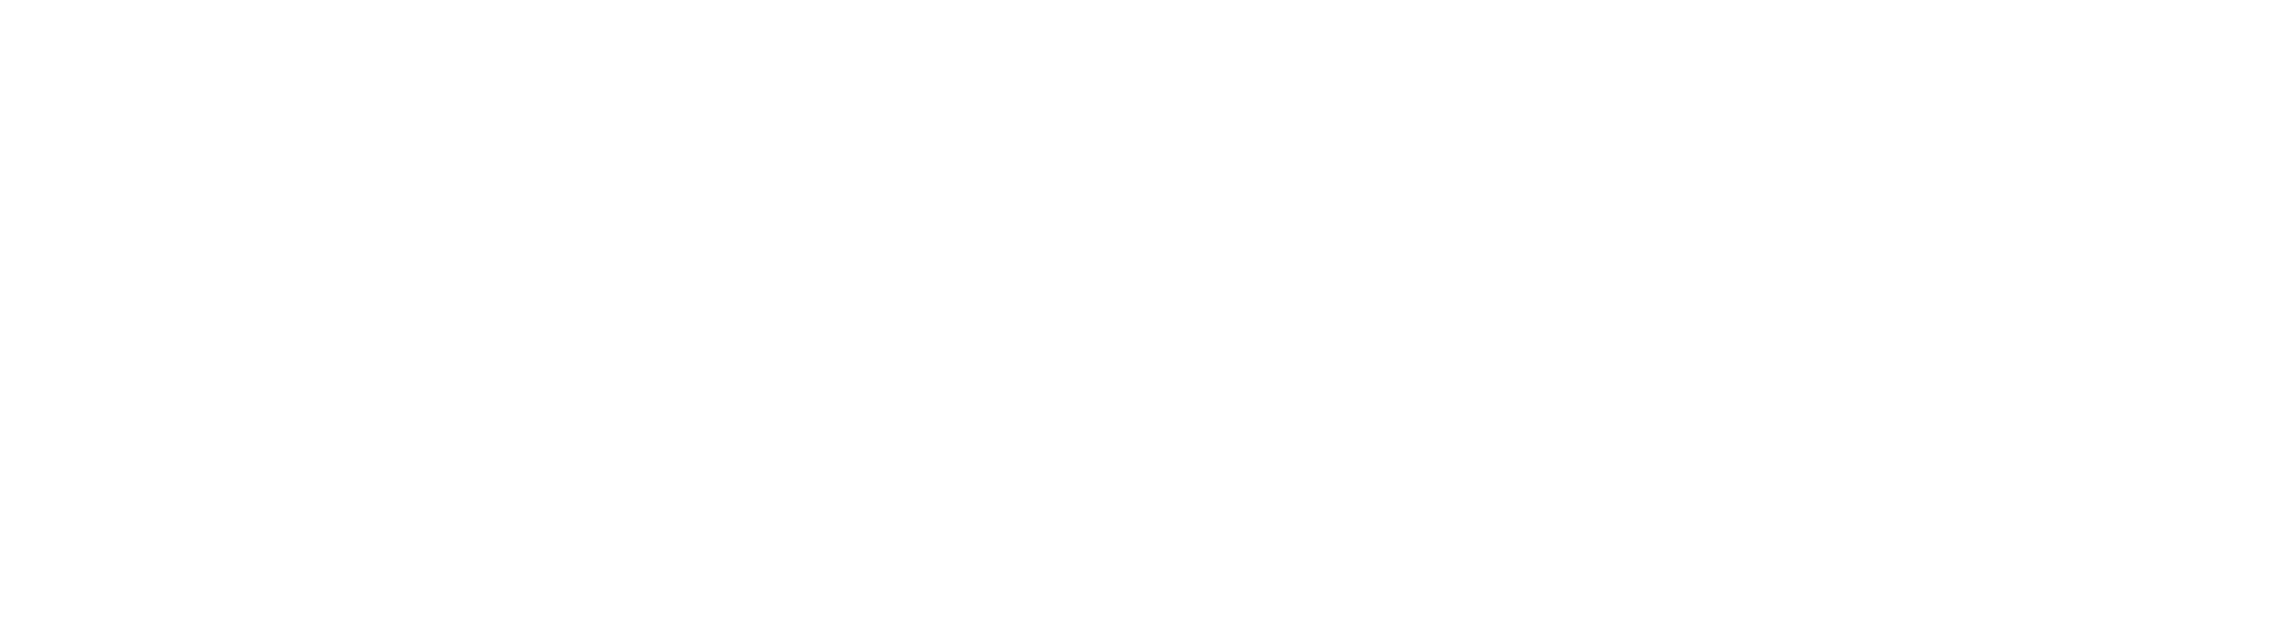 ModulBank logo